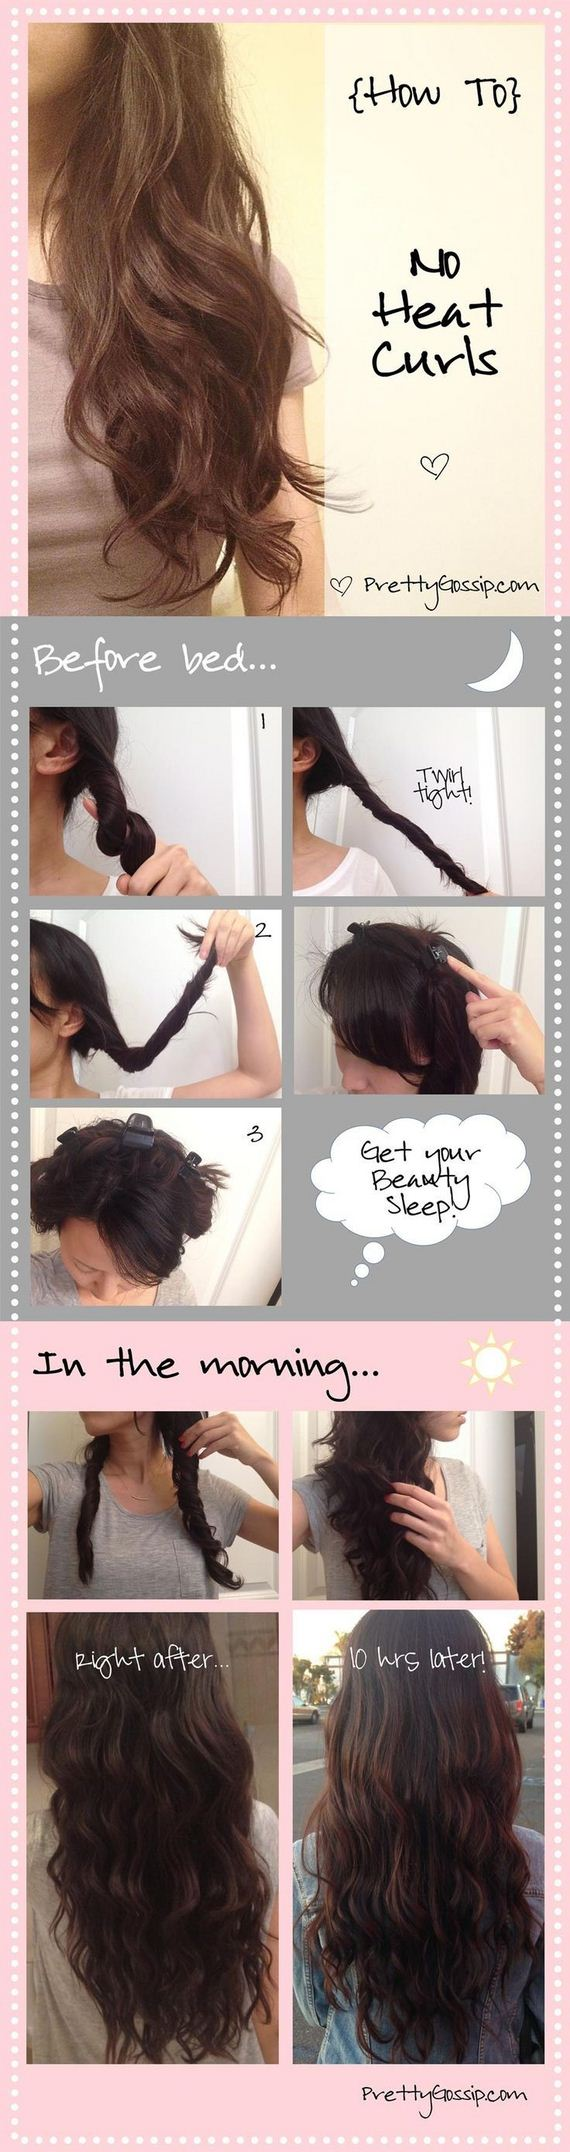 05-DIY-No-Heat-Curls